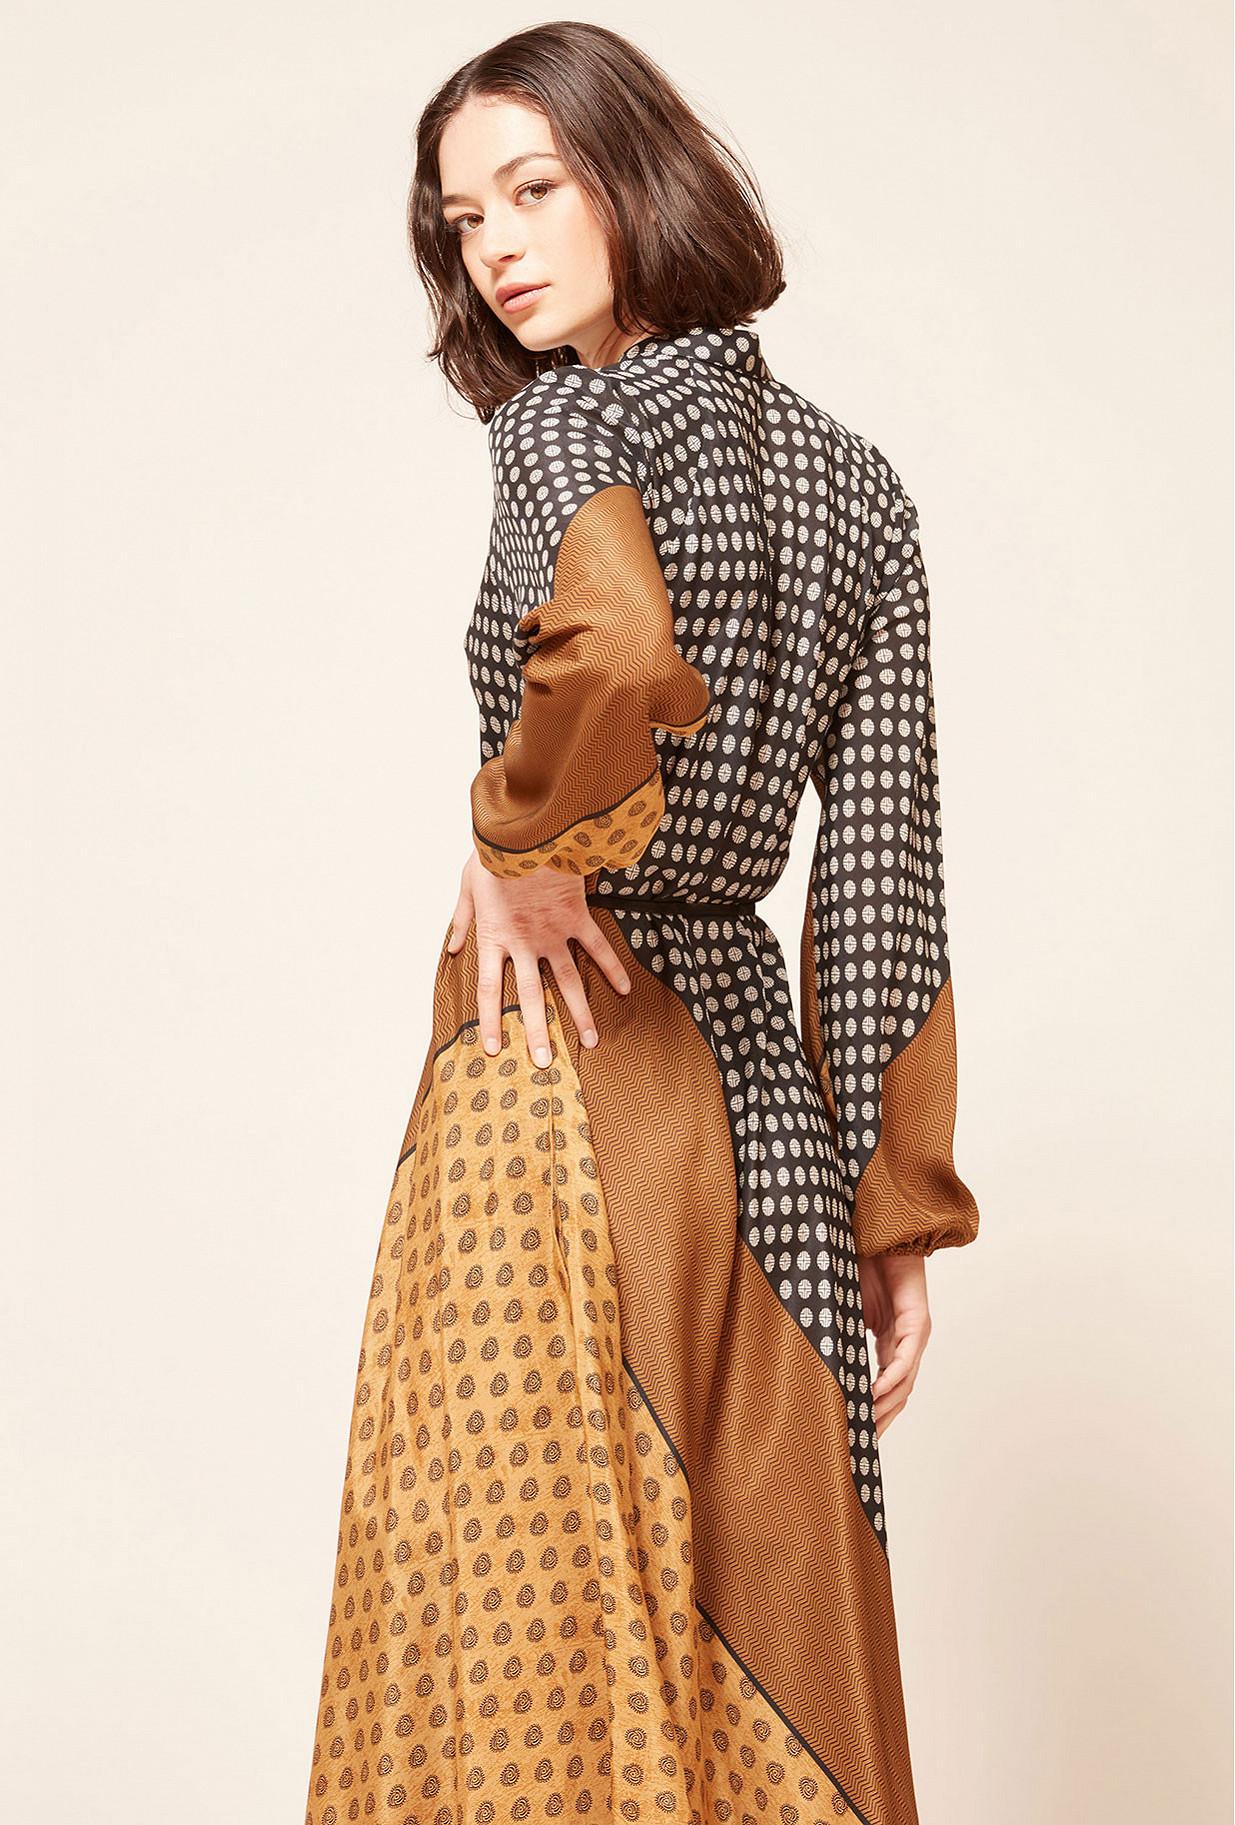 Paris clothes store Dress  Brange french designer fashion Paris